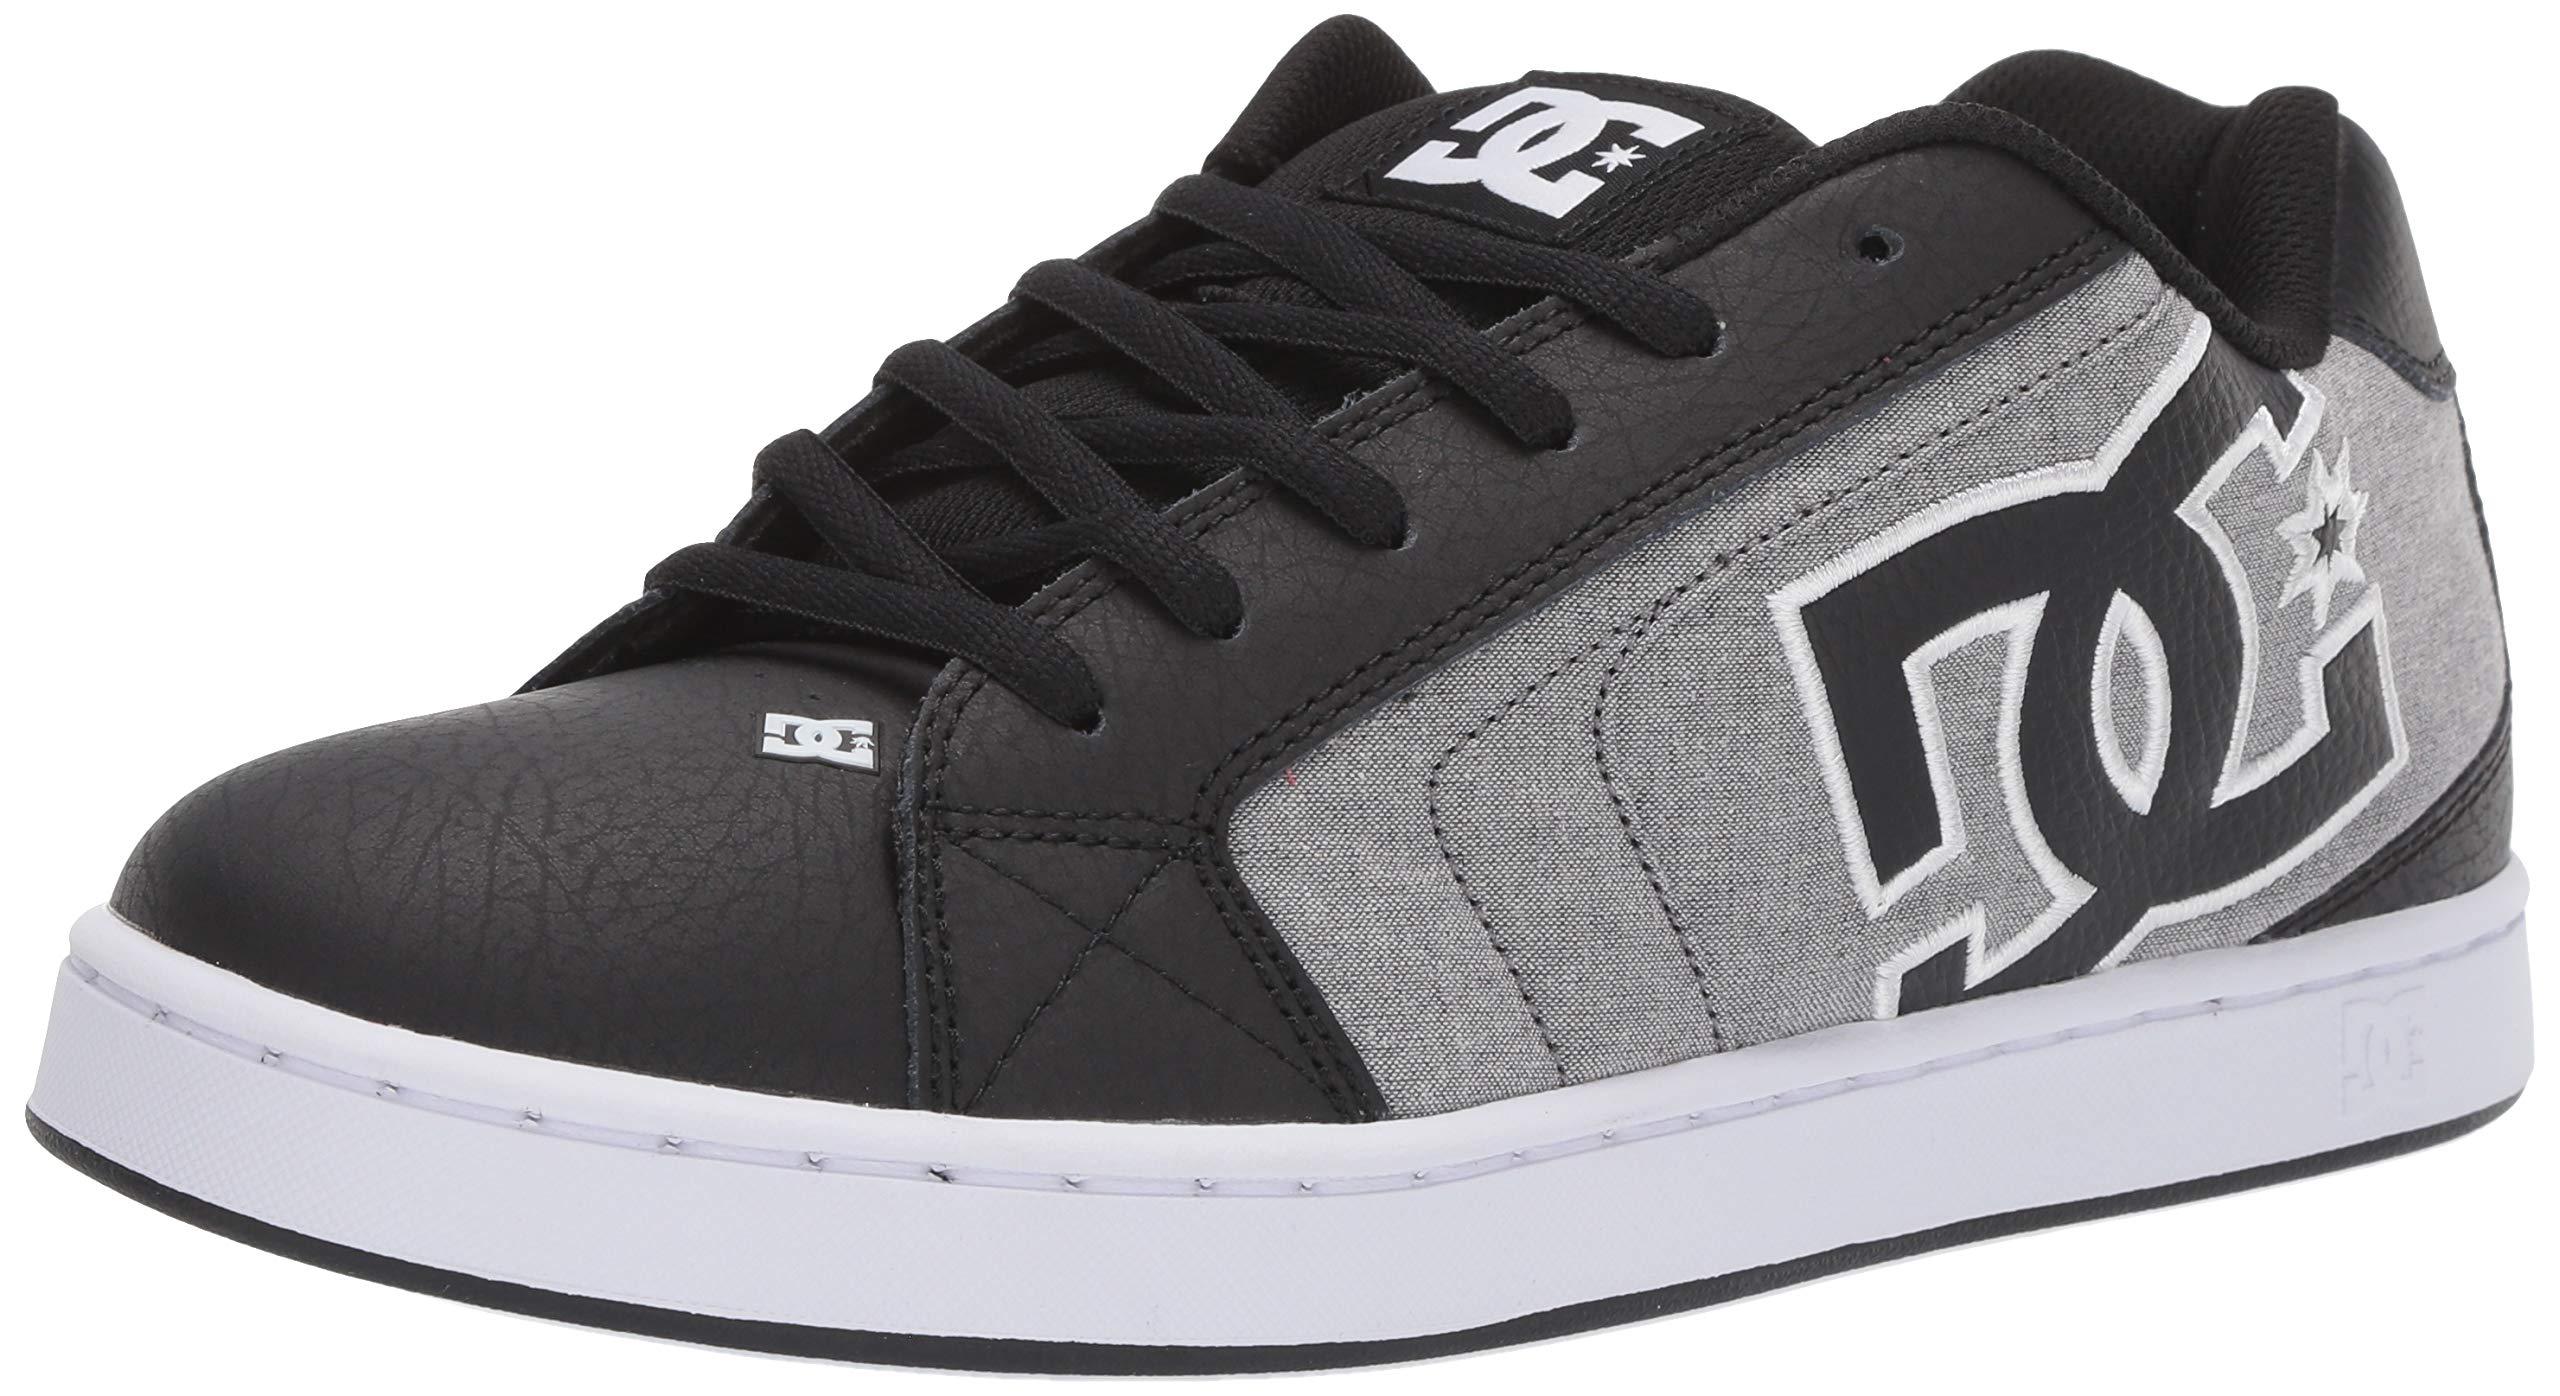 DC Men's Net Se-K Skate Shoe, Black/White, 9 M US